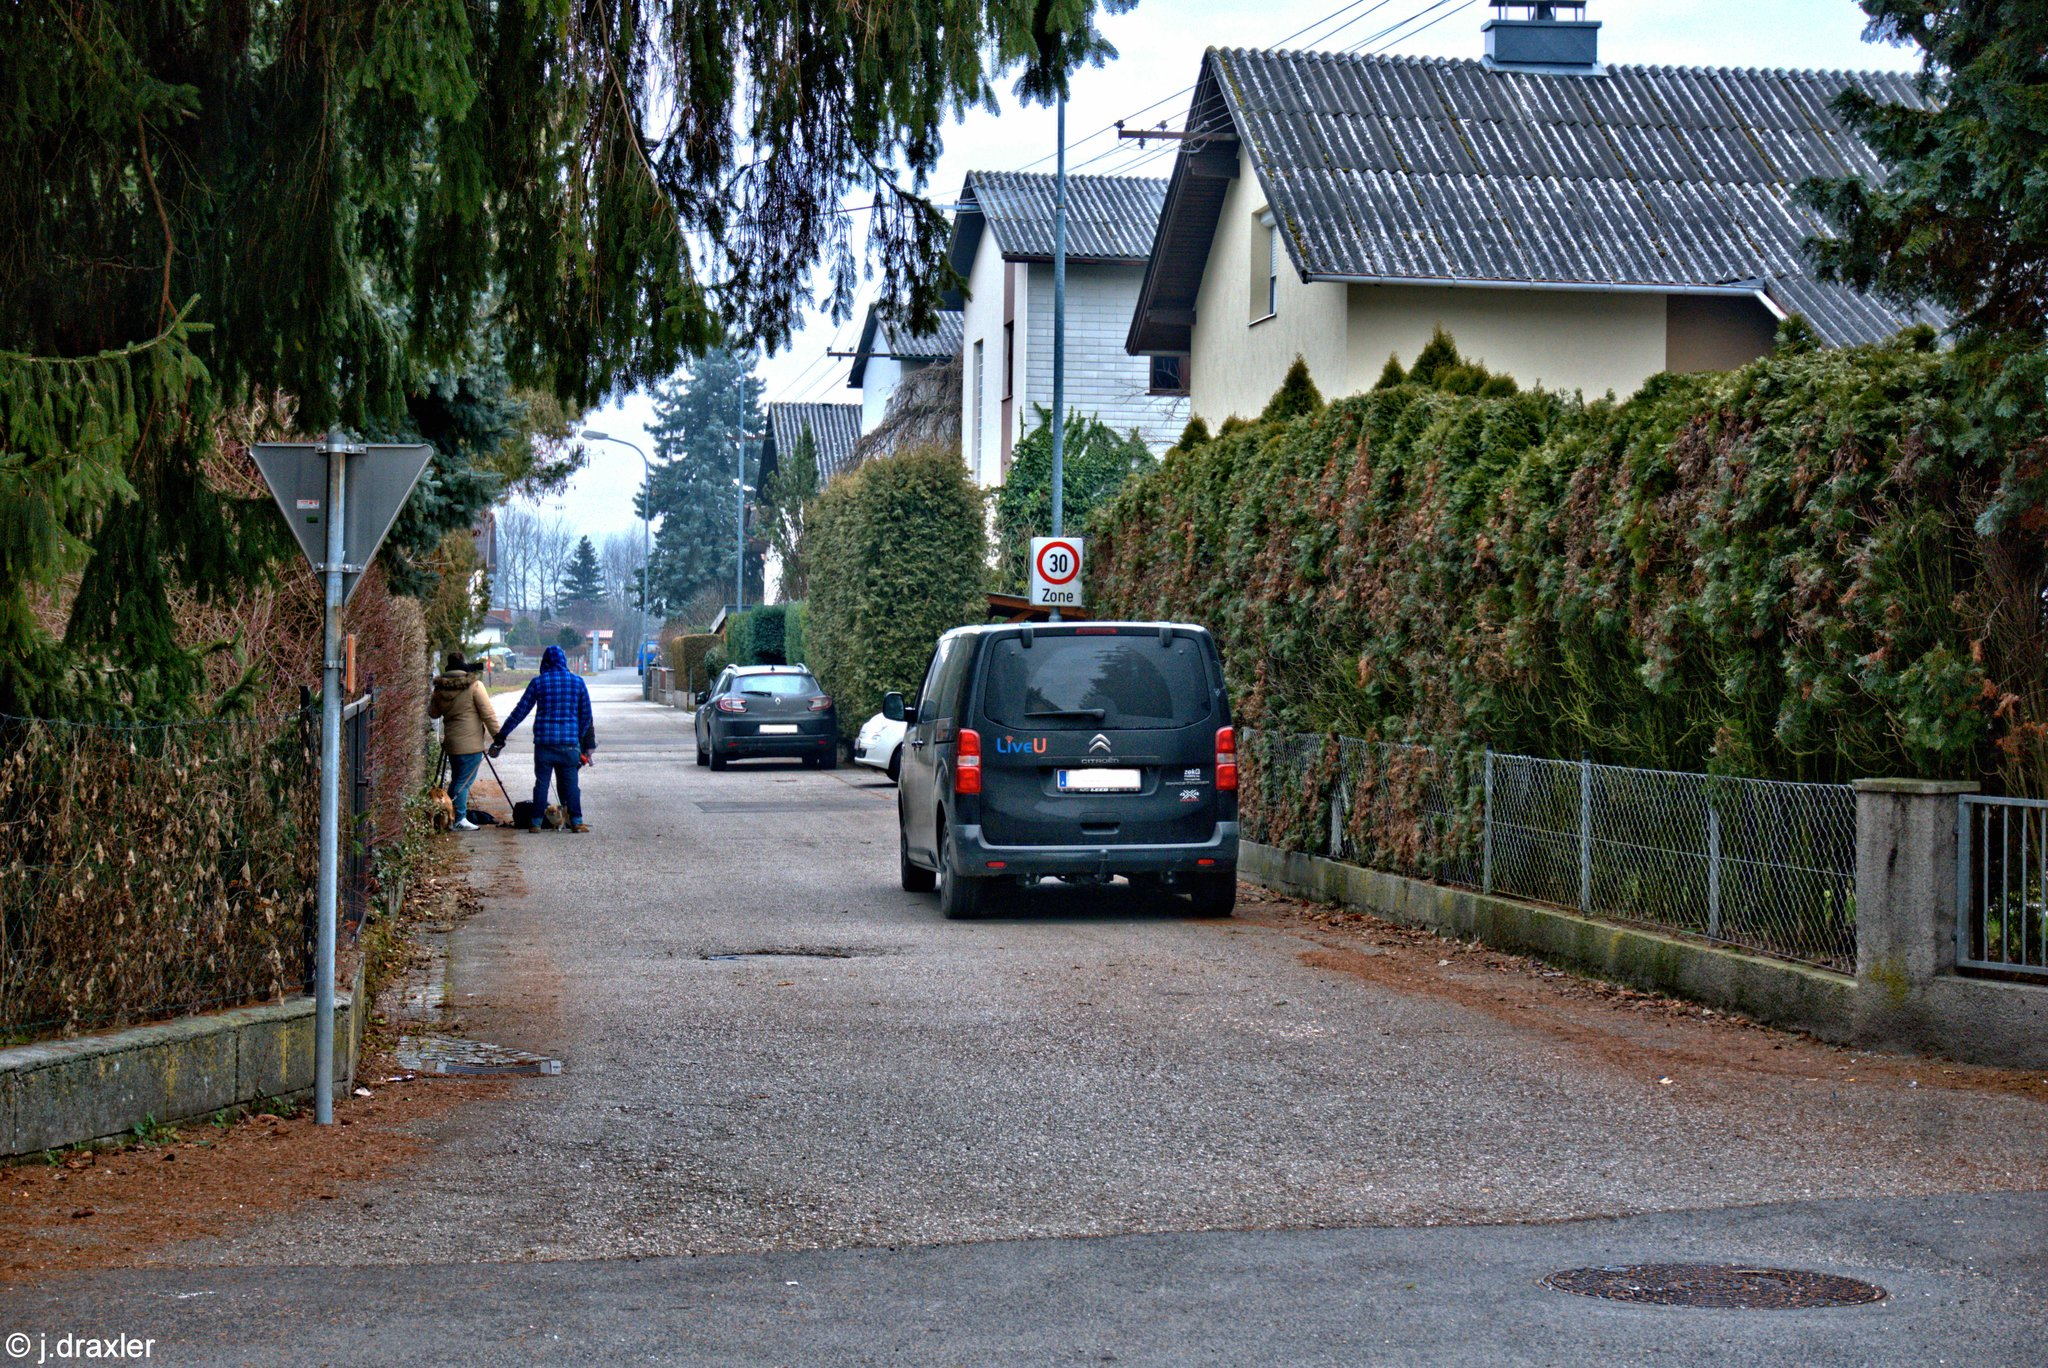 Ybbs an der donau nette leute kennenlernen - Poggersdorf